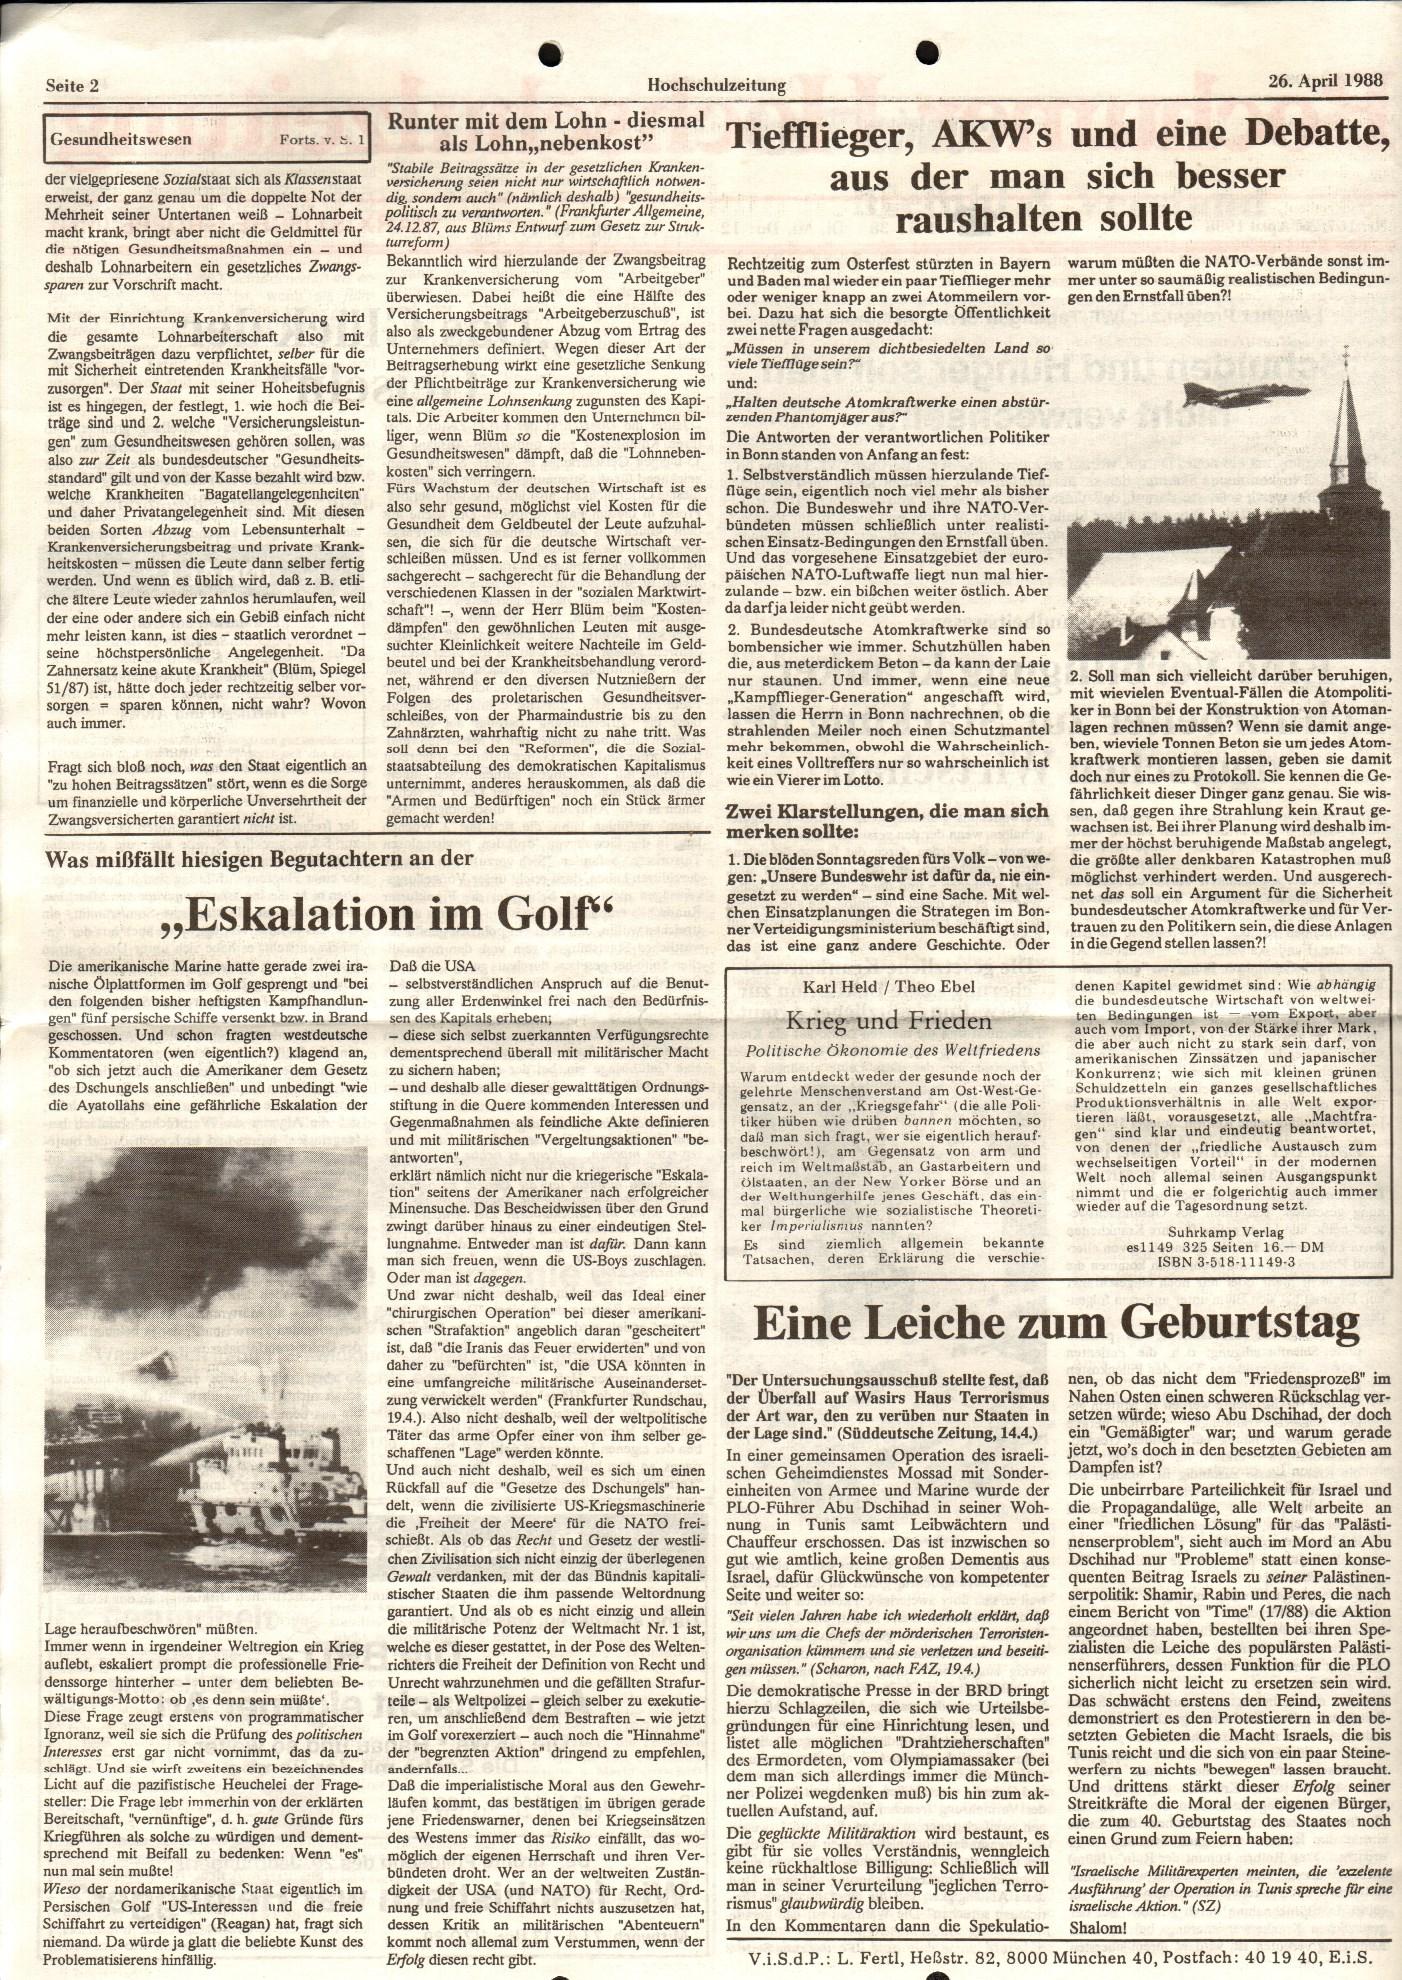 MG_Bochumer_Hochschulzeitung_19880426_02